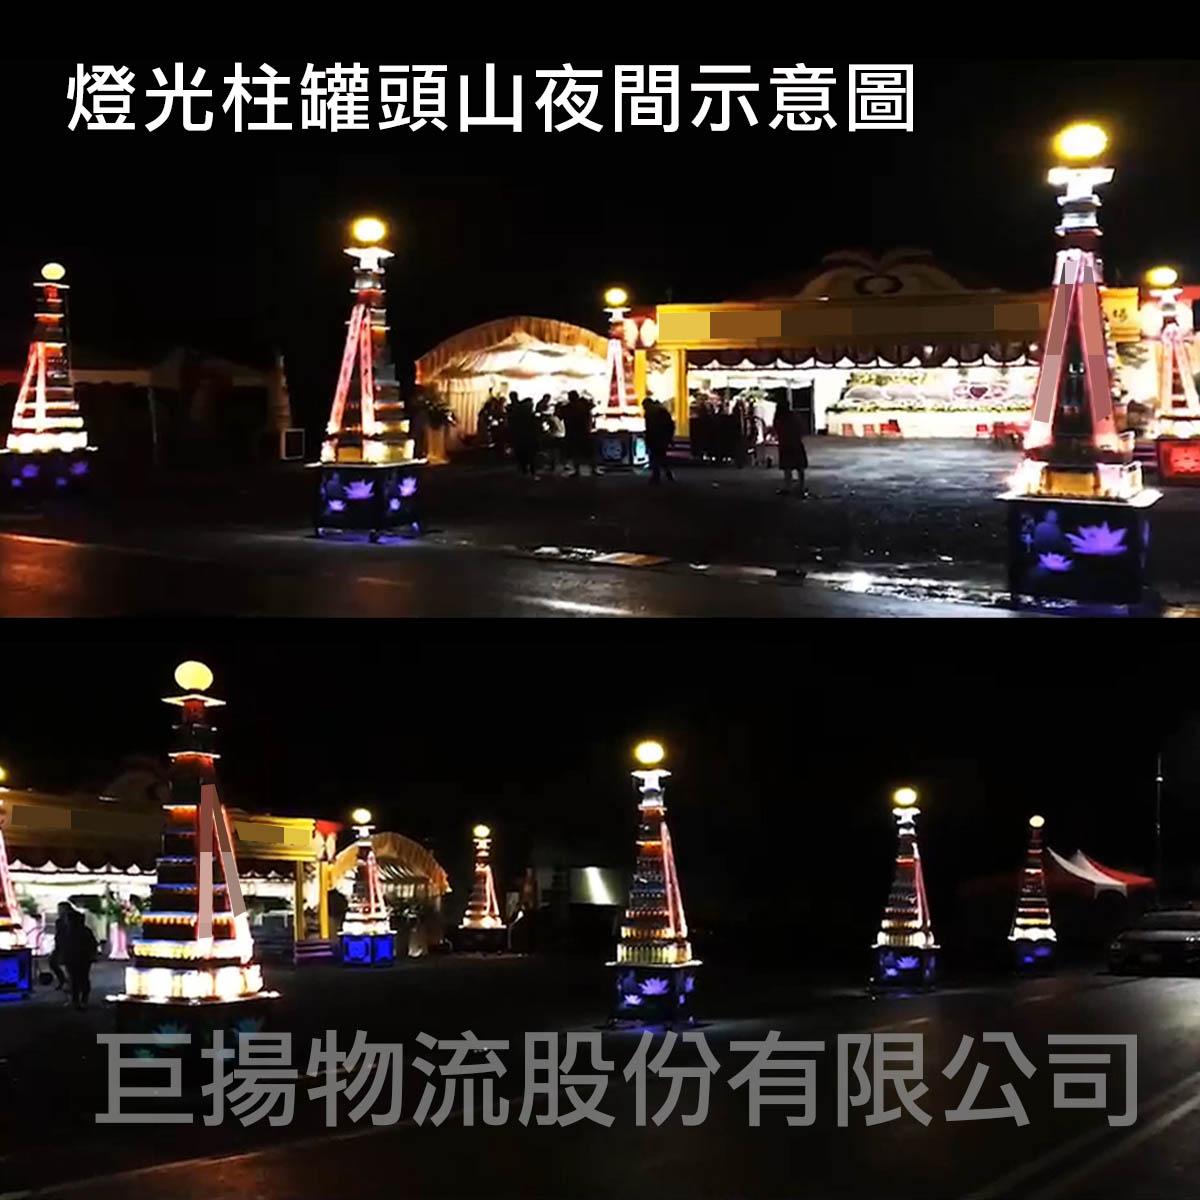 五層大牌飲料燈光罐頭塔蓮花led燈光柱2